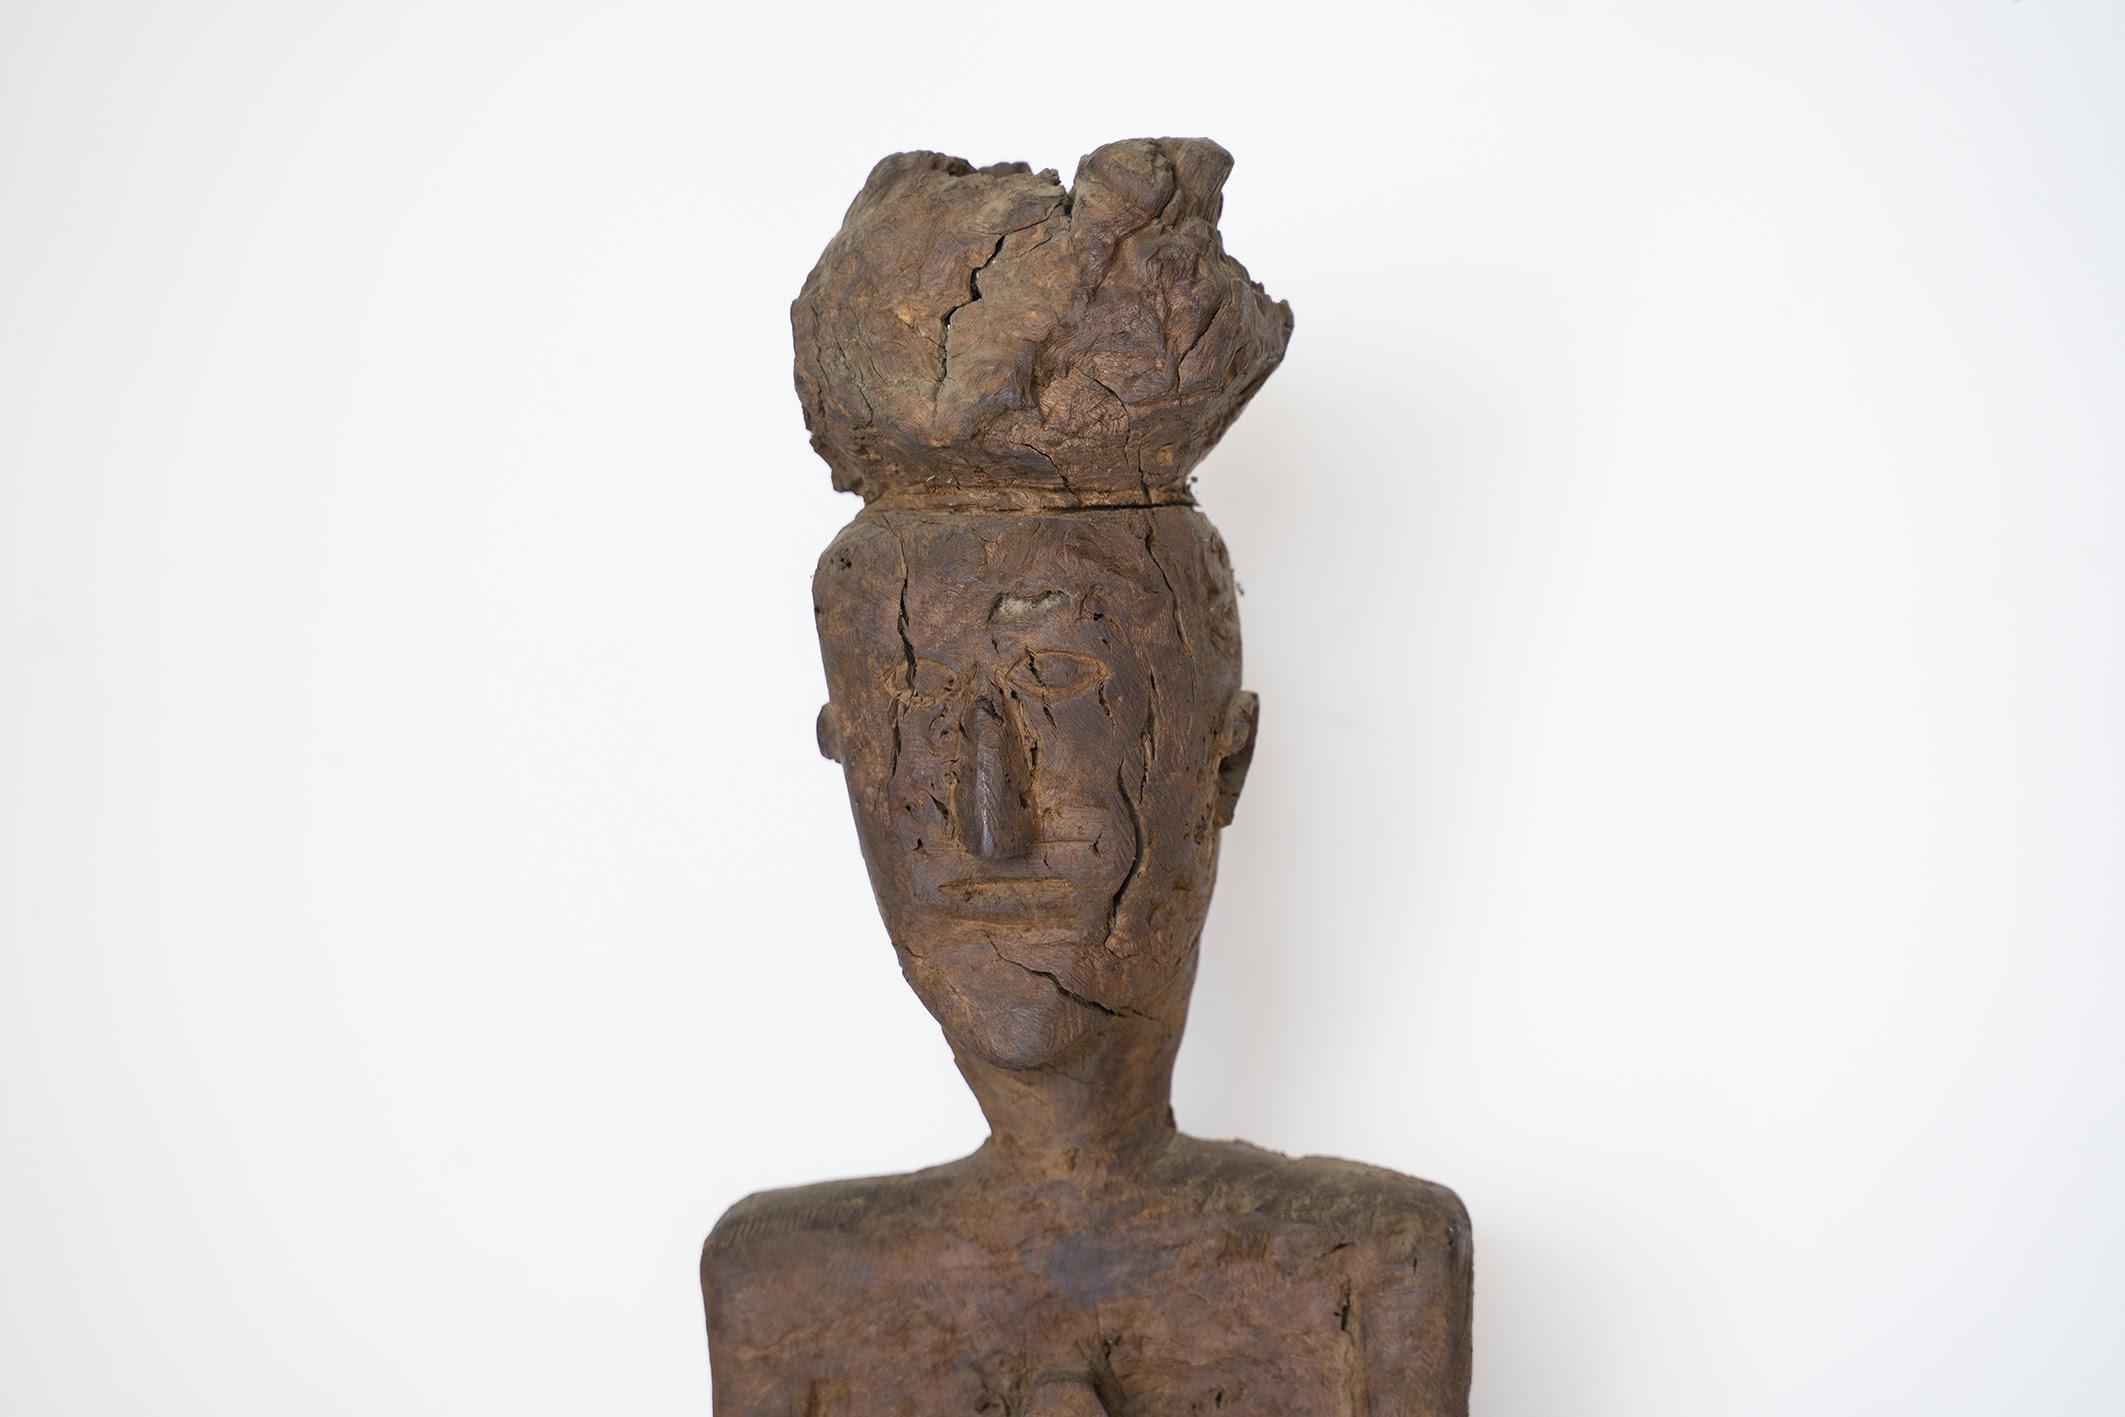 escultura em castanheiro de José Almeida